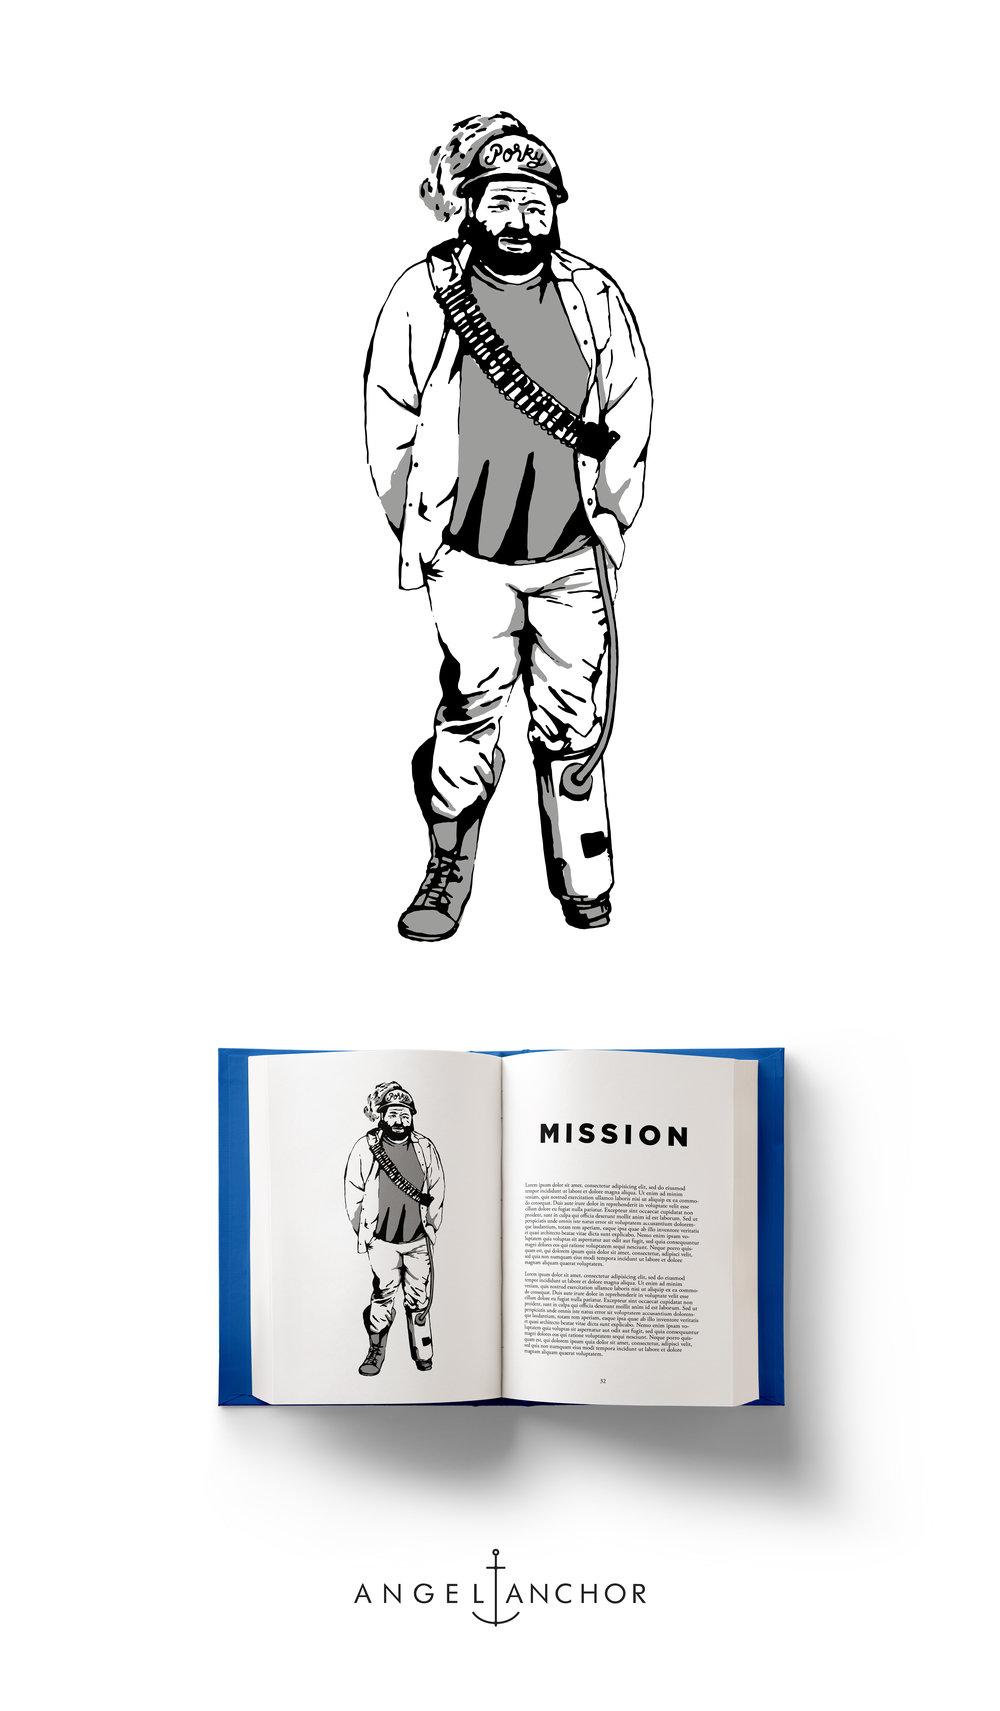 #3 - MISSION